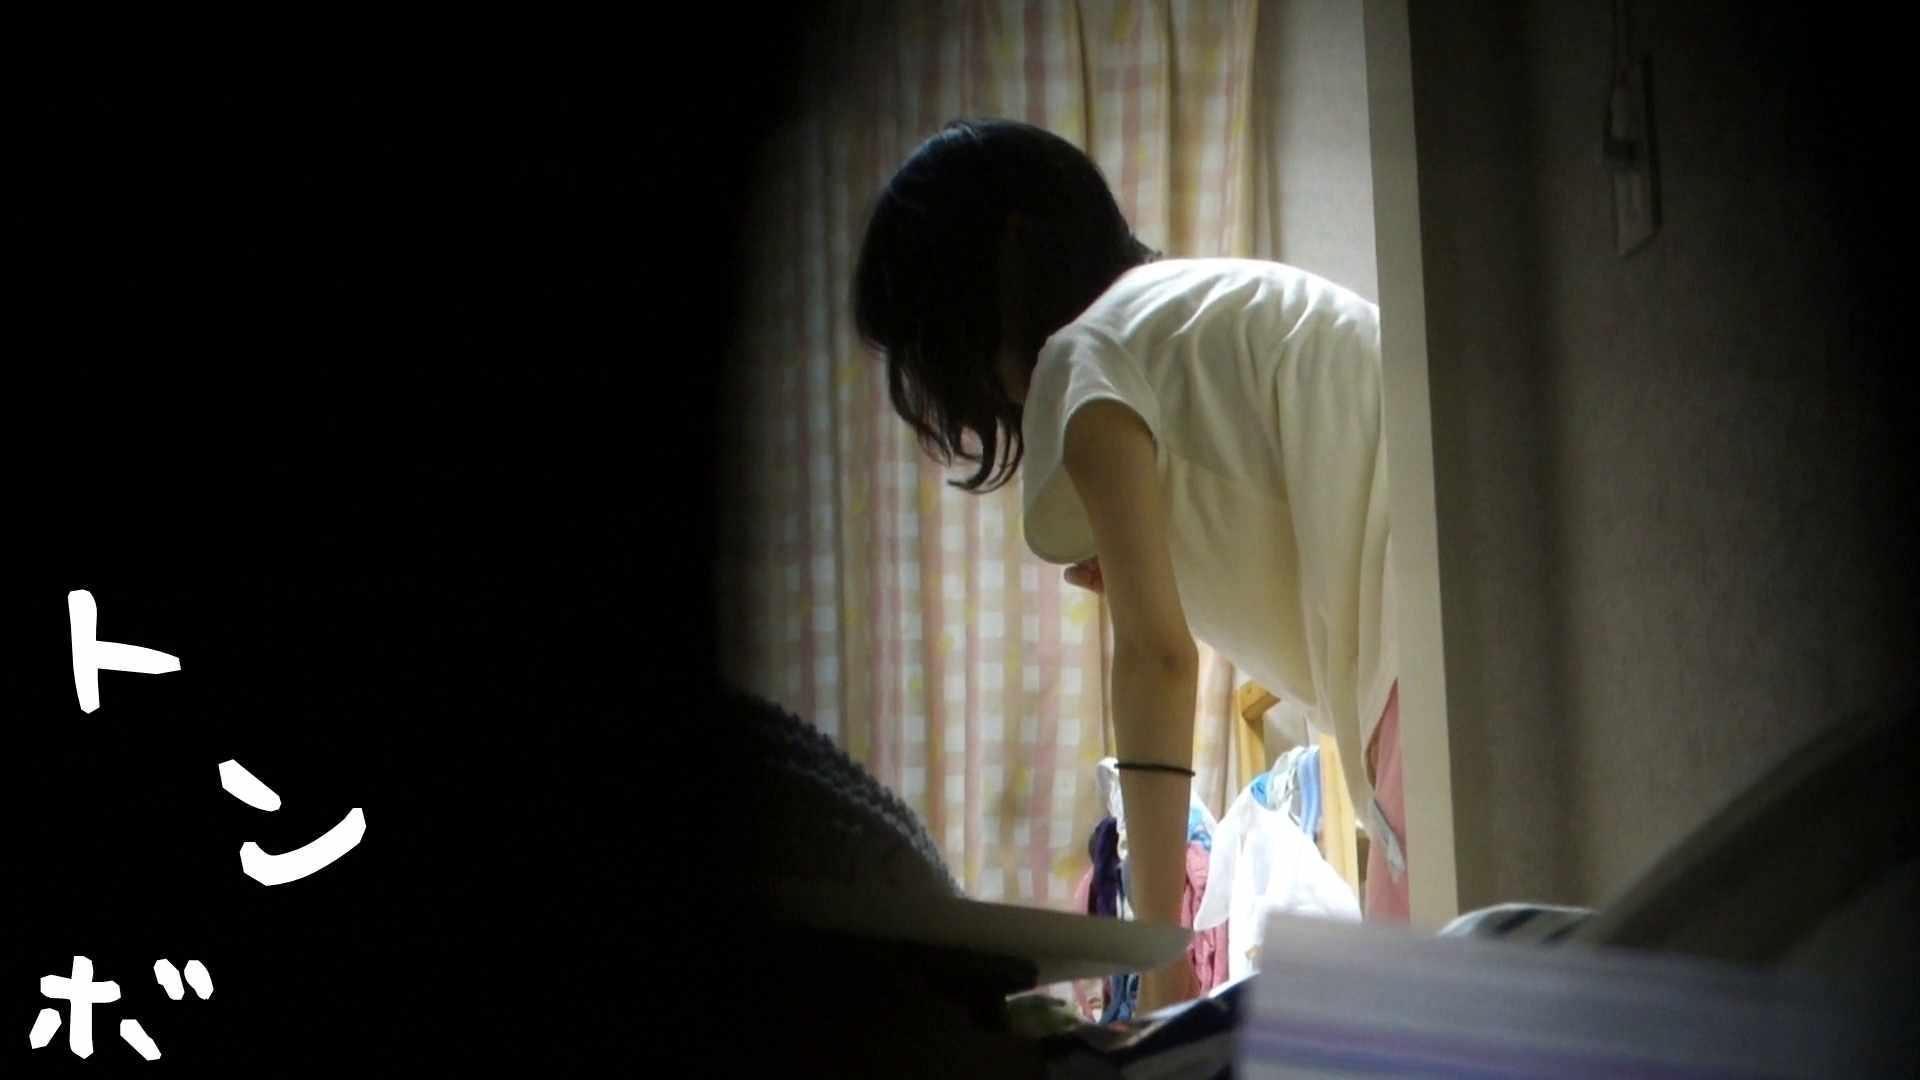 リアル盗撮 現役女子大生の私生活③ 女子大生 隠し撮りすけべAV動画紹介 18pic 14